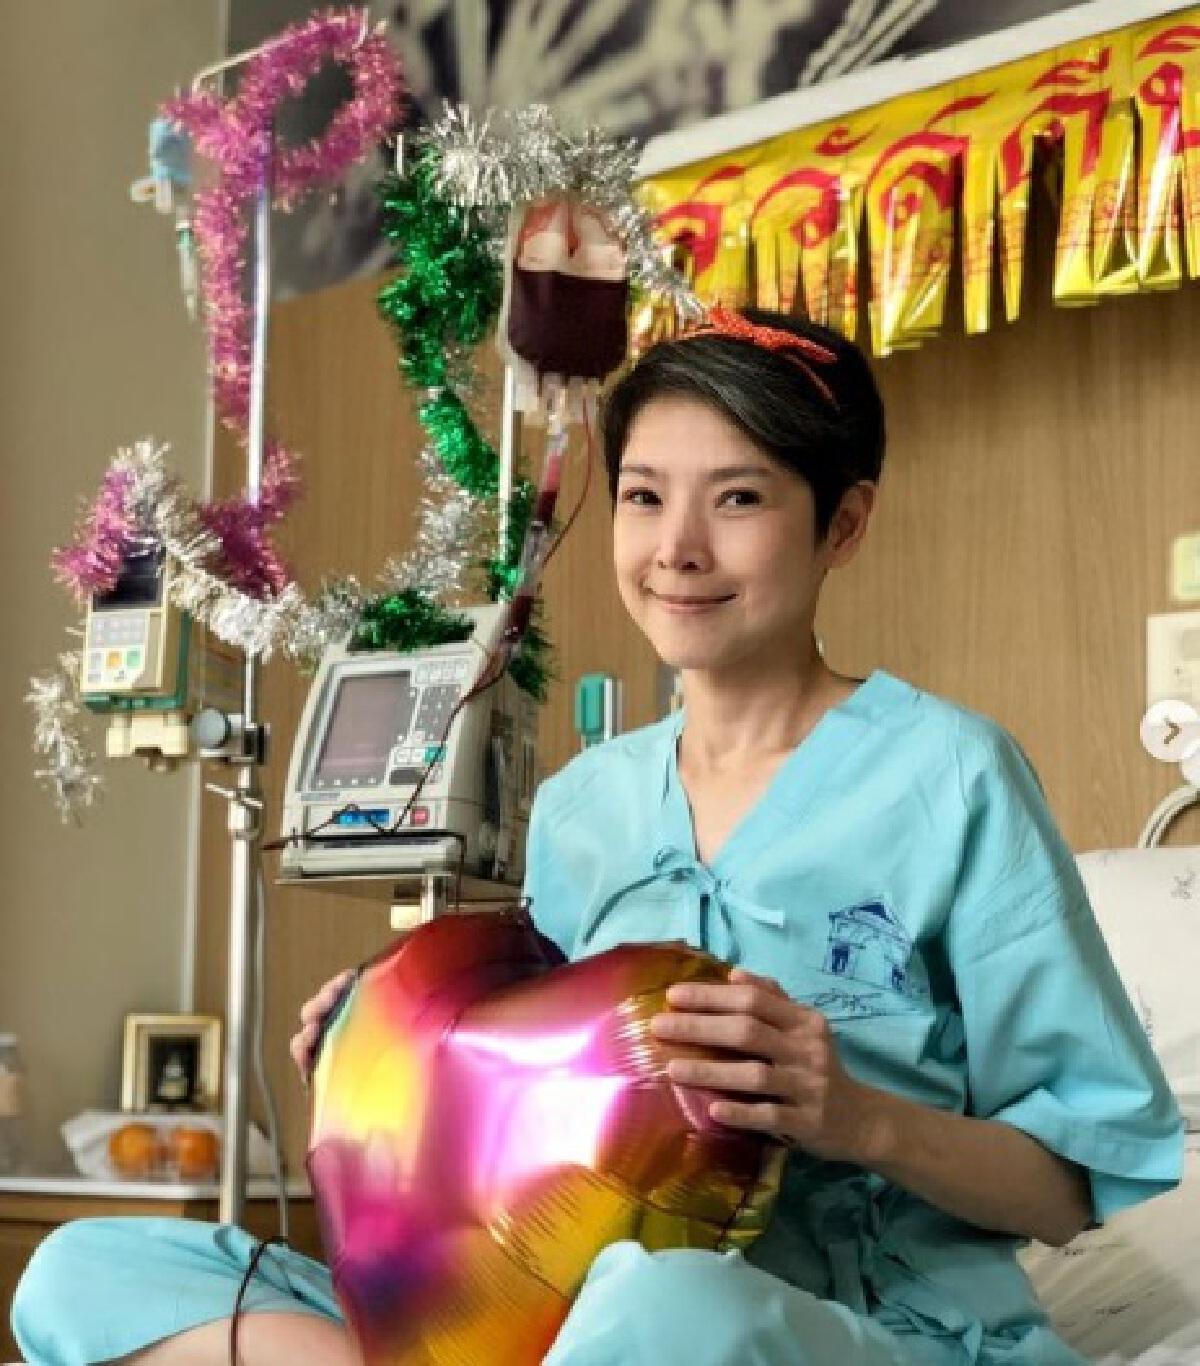 นิ้ง กุลสตรี เผยอาการป่วย พบค่าเม็ดเลือดขาวต่ำเหลือ 900